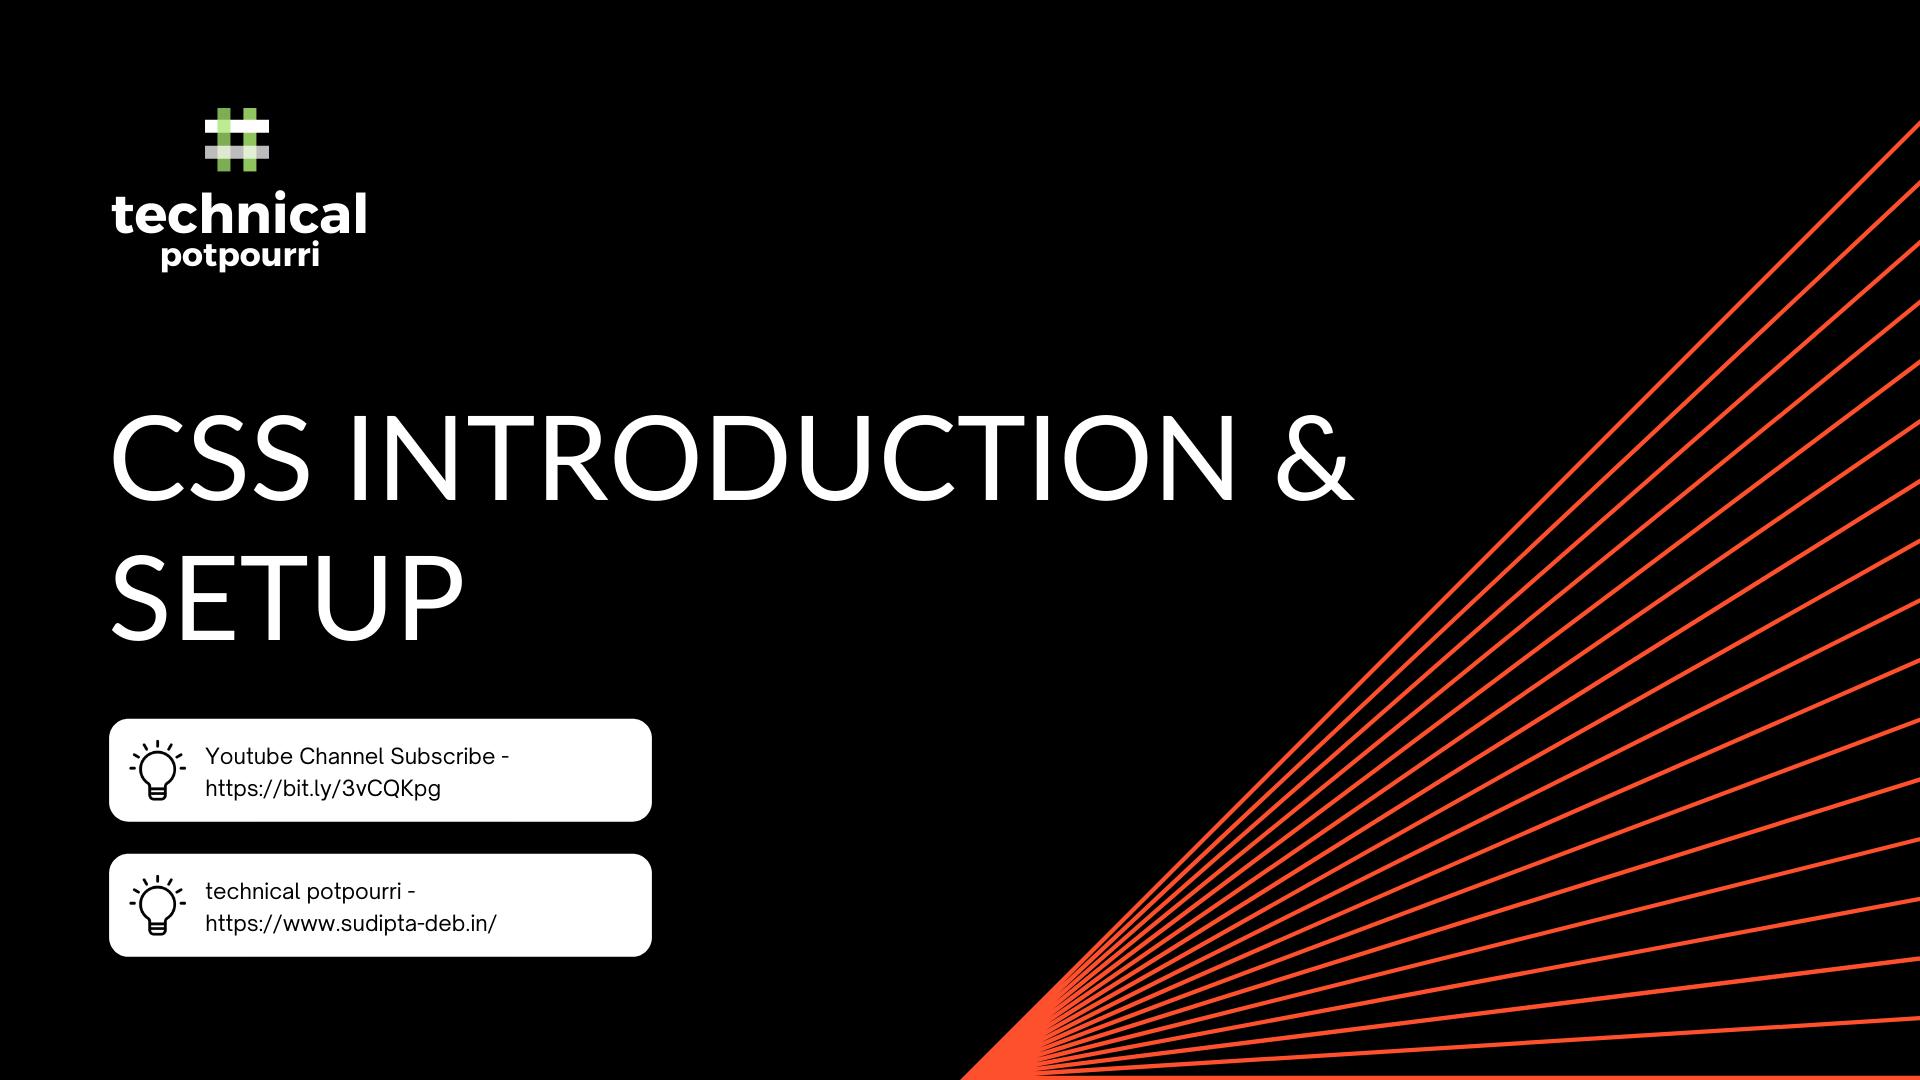 CSS Introduction & Setup